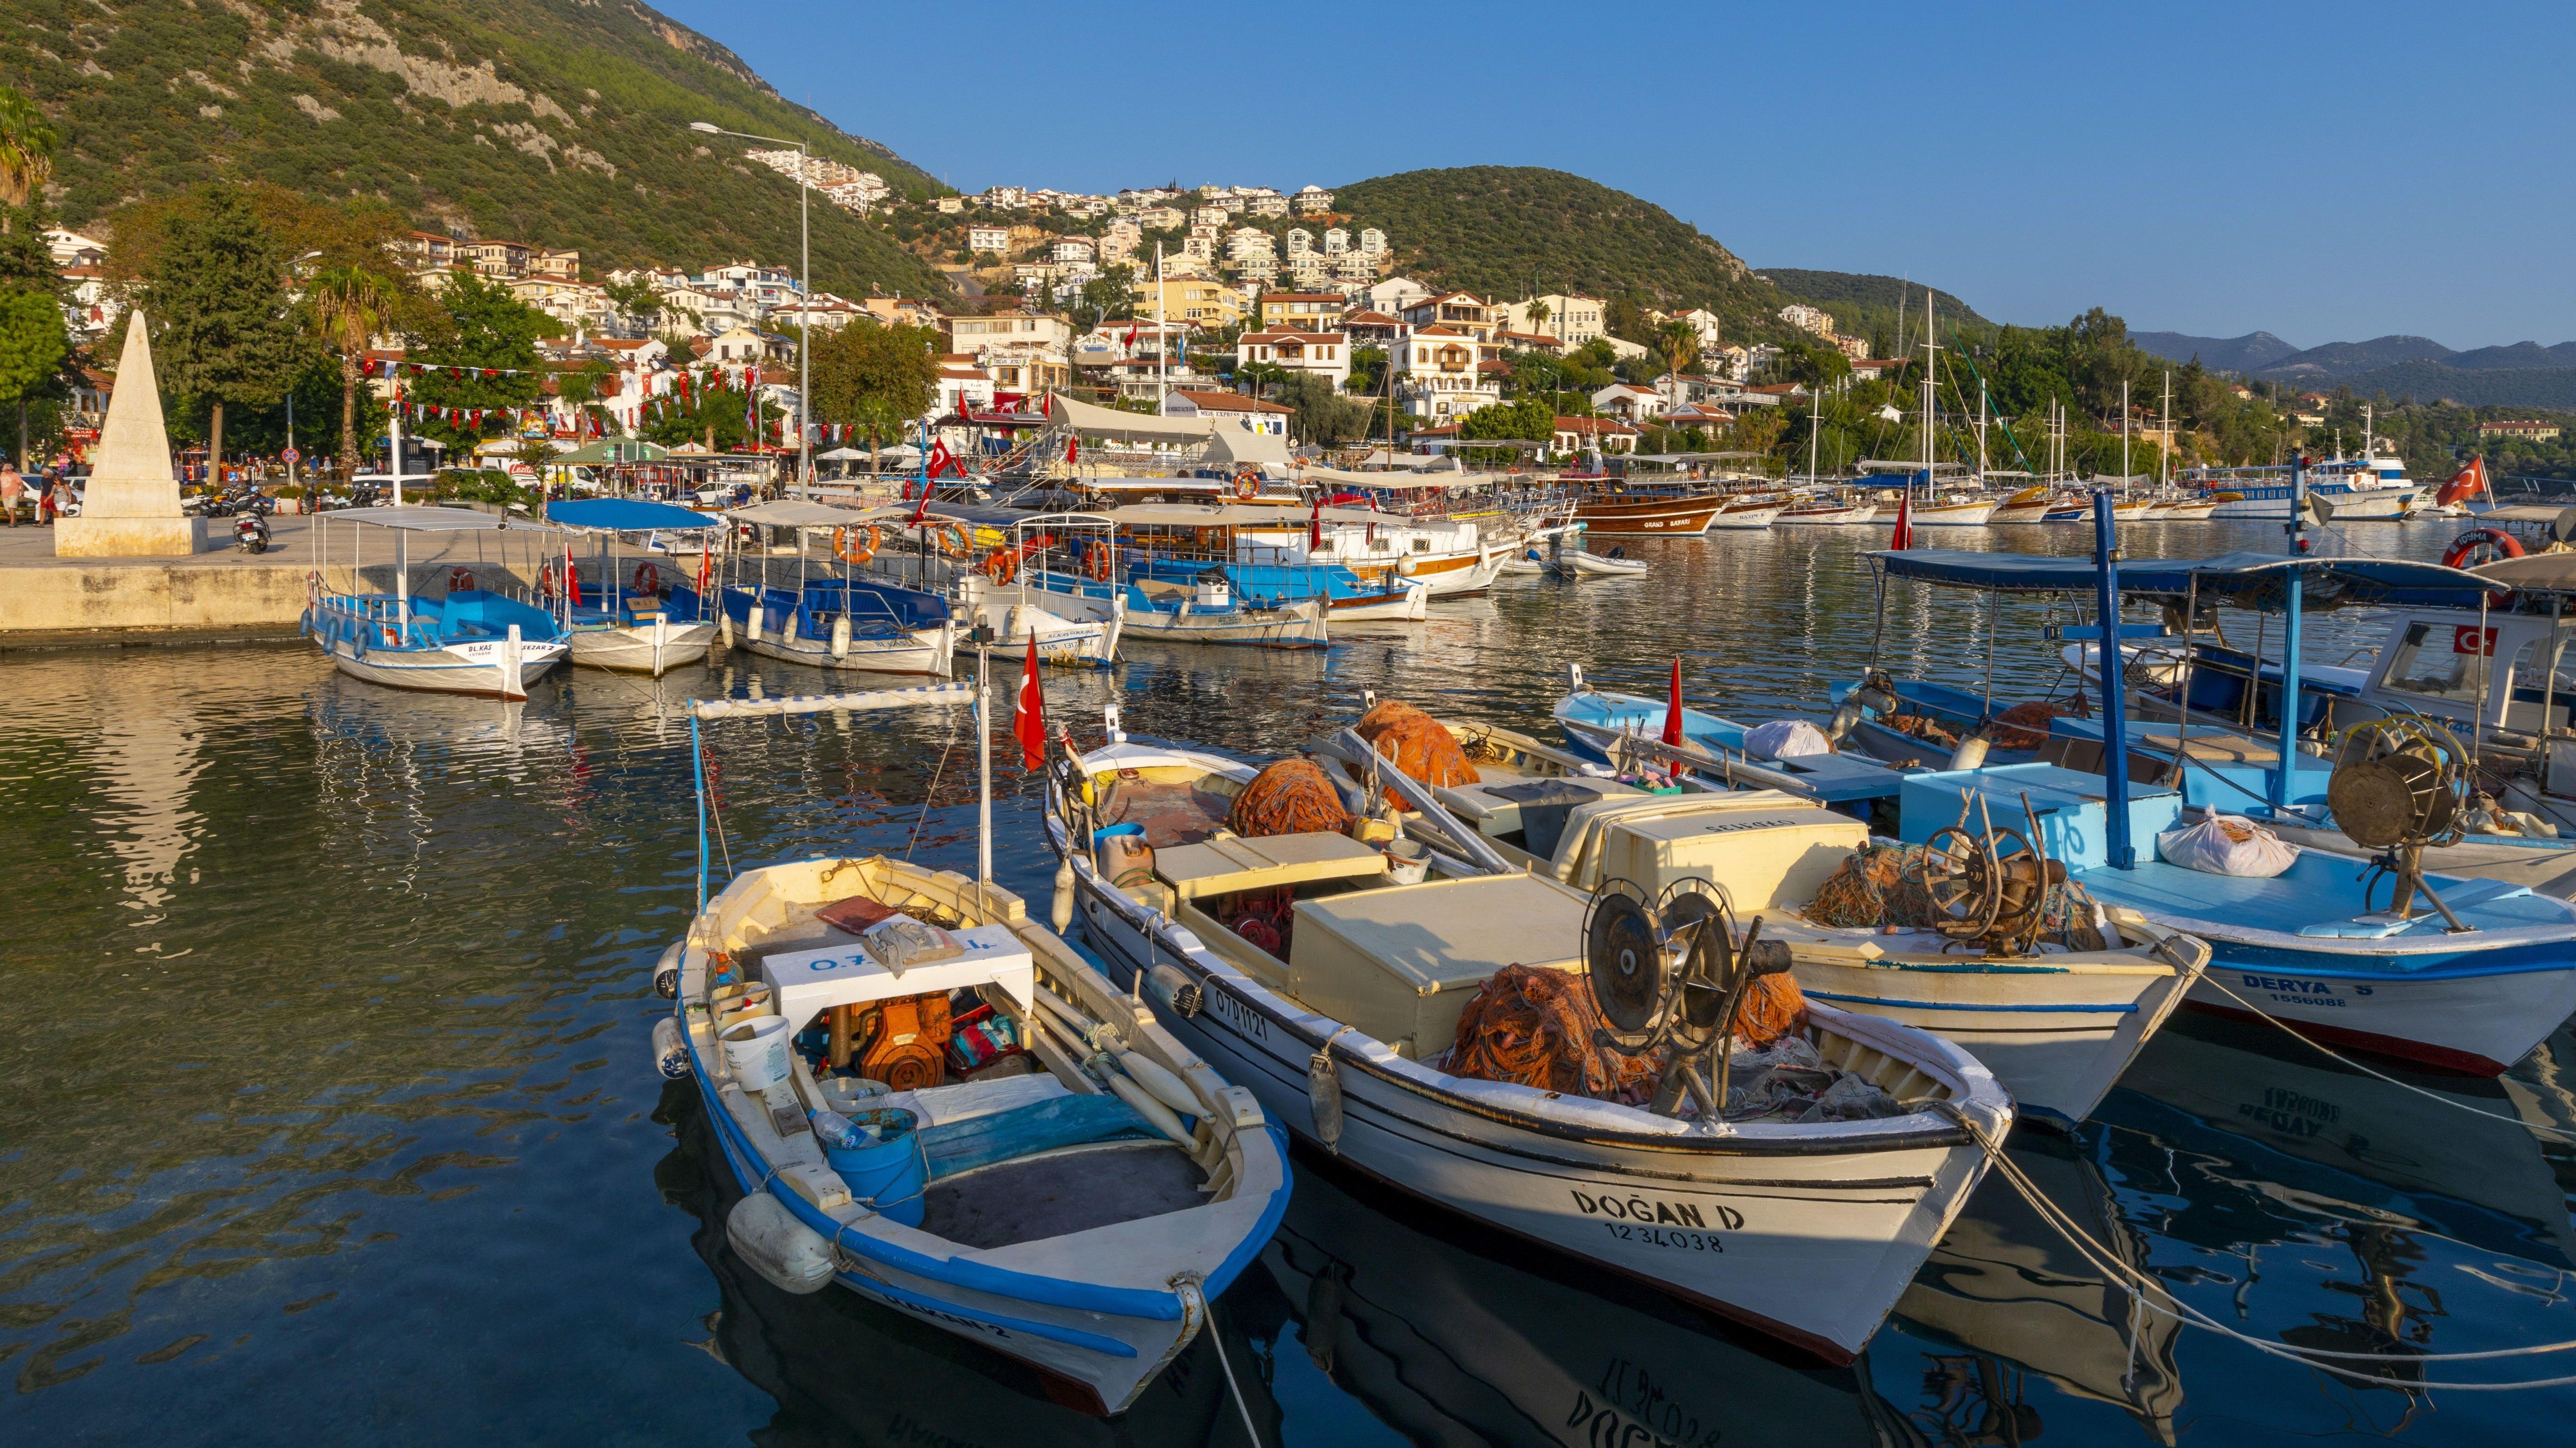 Hafen von Kas an der türkischen Mittelmeerküste